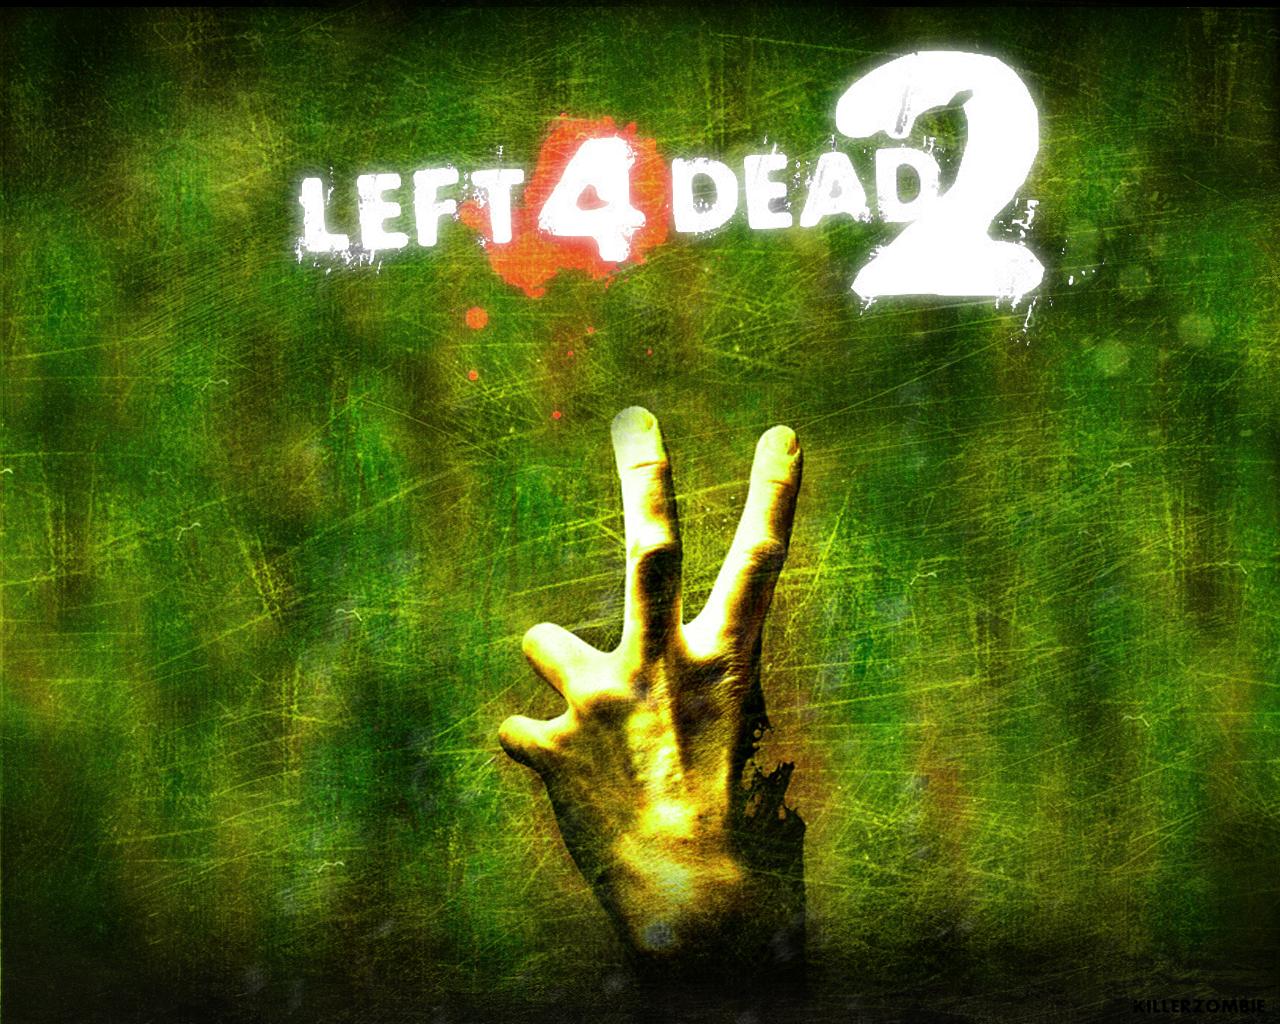 Left 4 dead 2 NO STEAM UPDATE | Troll hacks